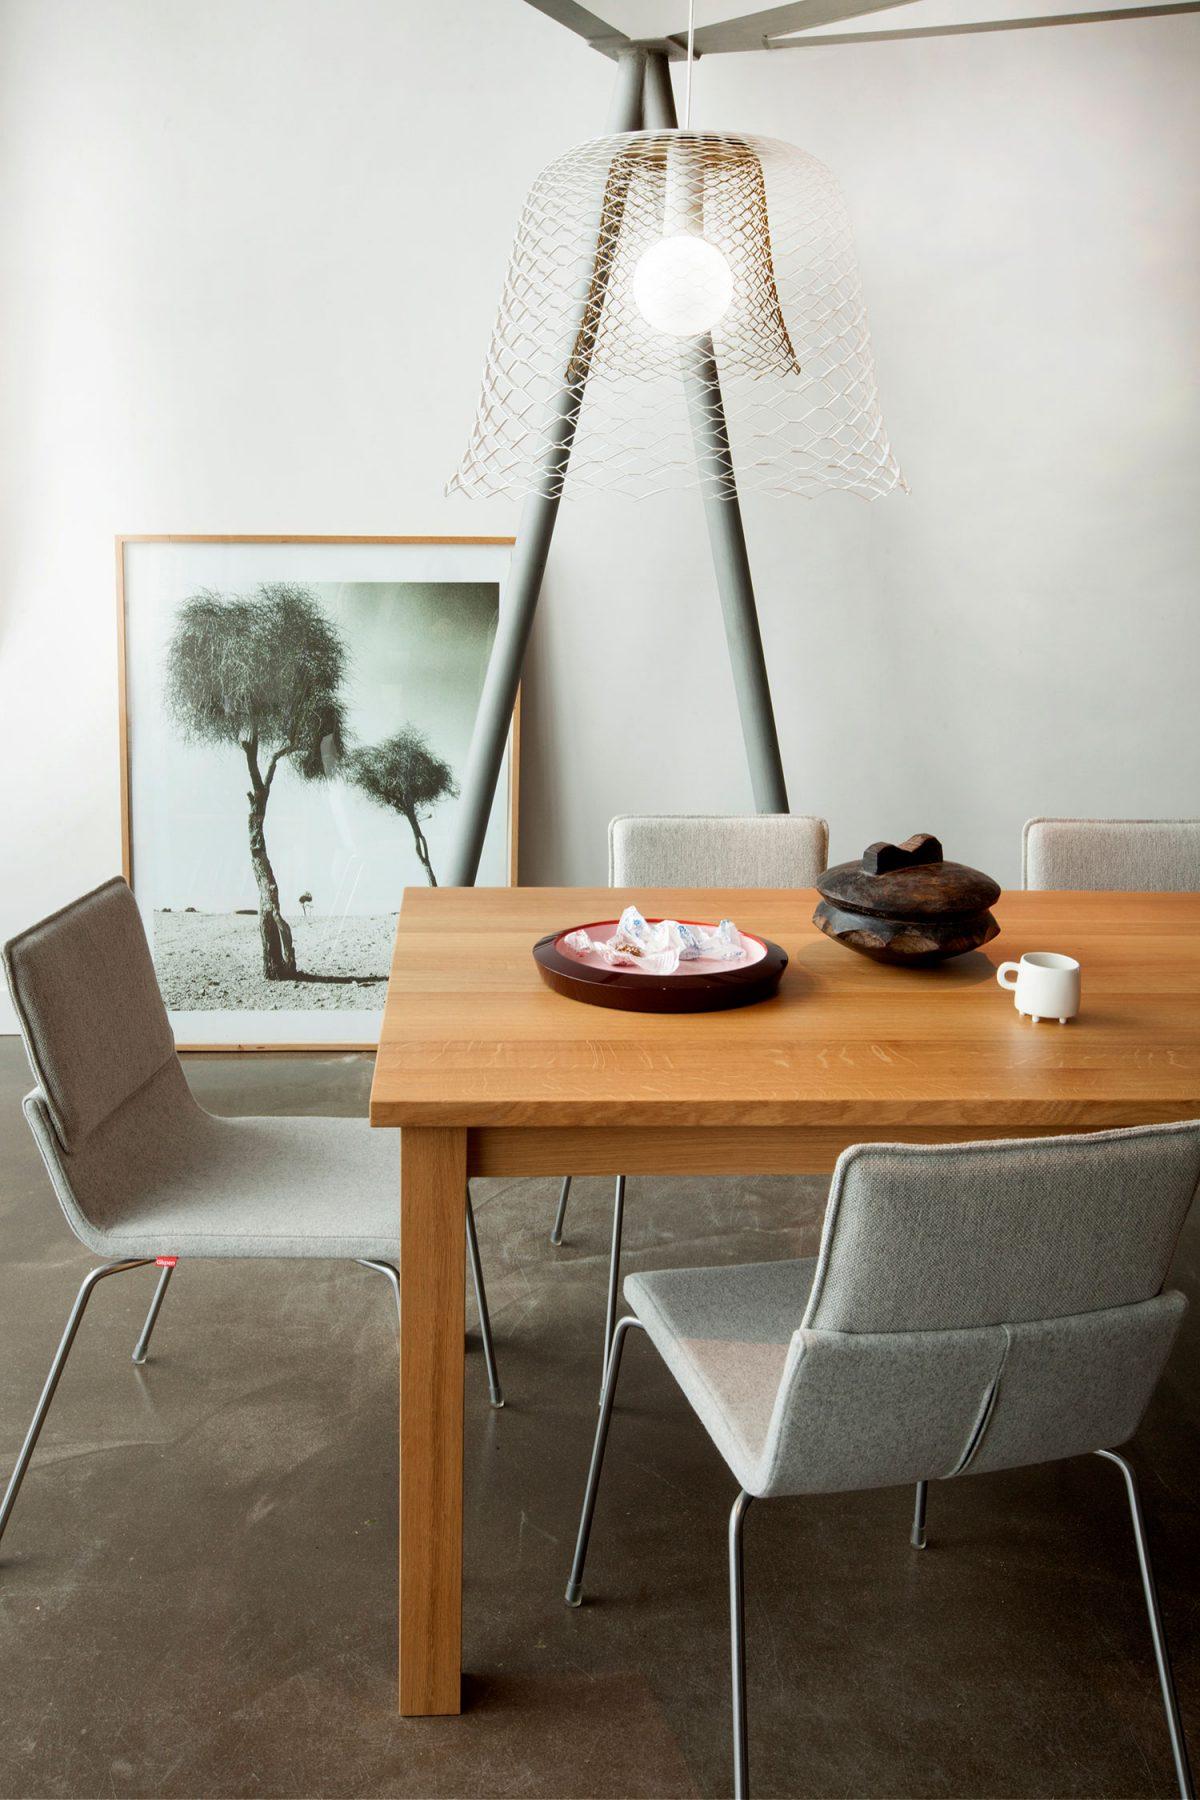 Slingerlamp hanglamp van Gispen